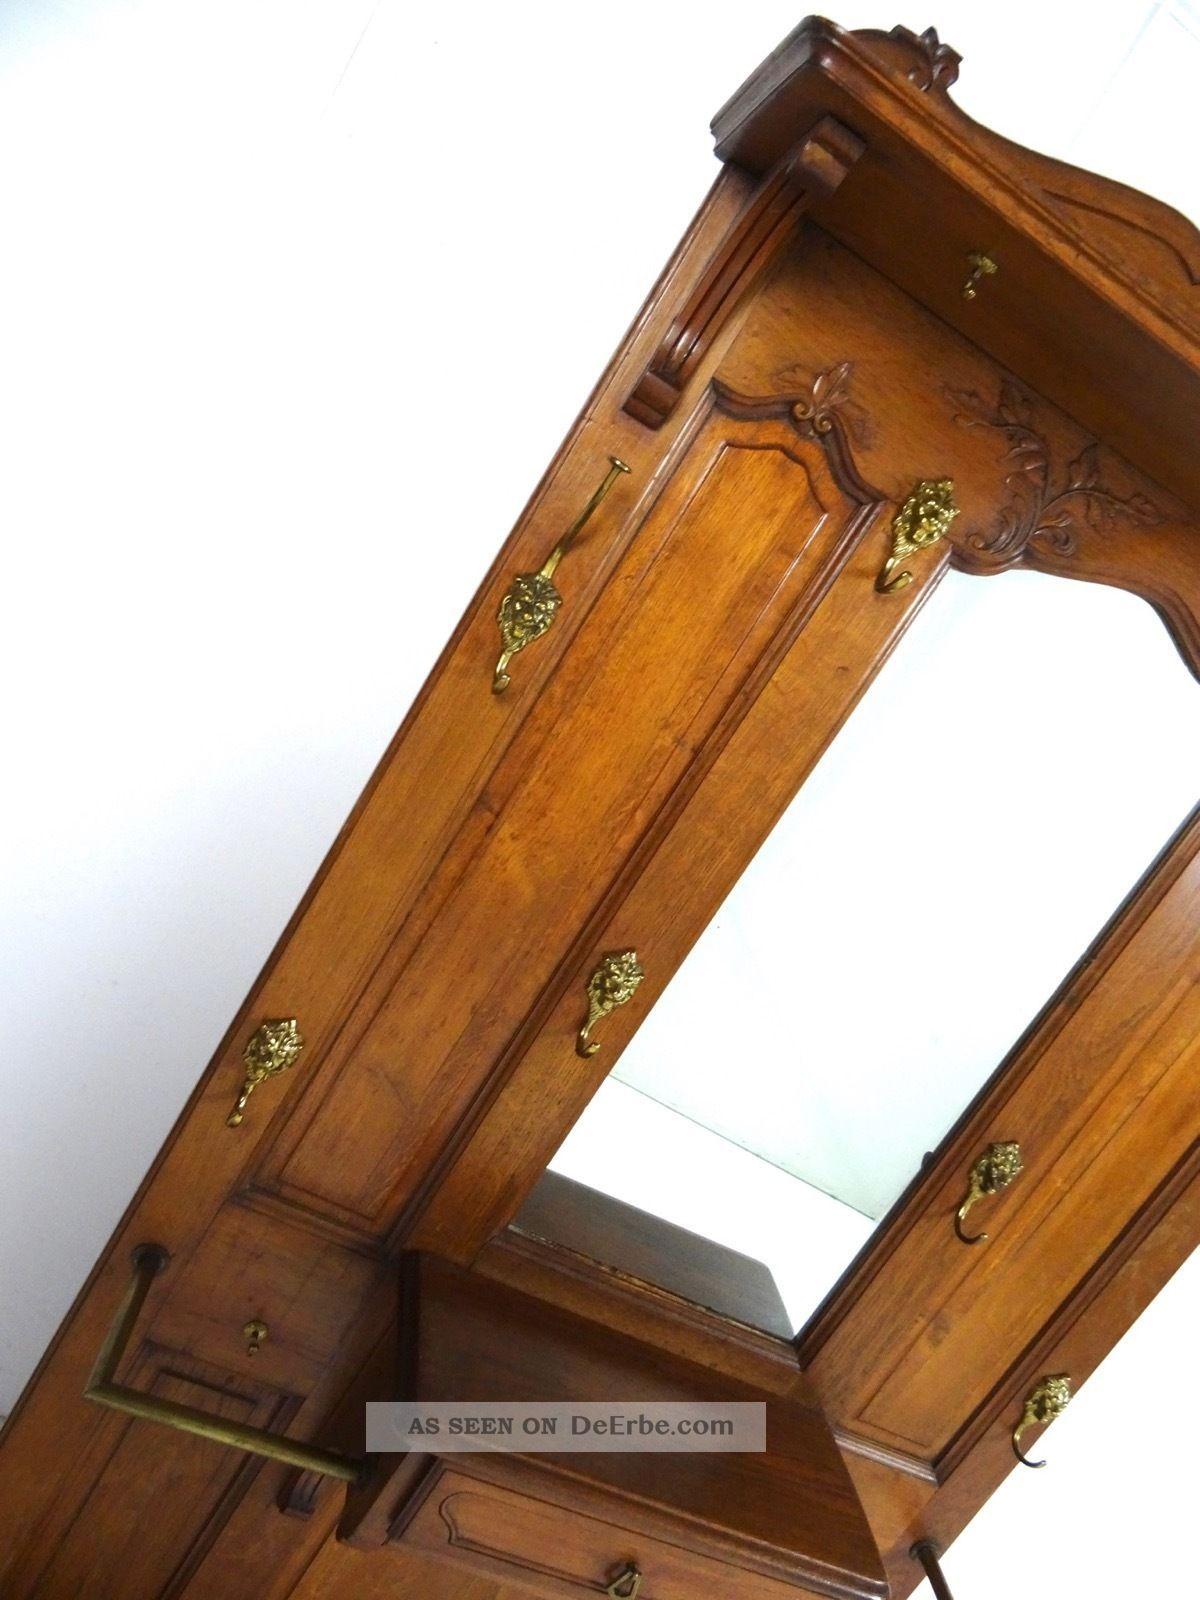 gro e jugendstil garderobe art nouveau standgarderobe antik m bel frankreich. Black Bedroom Furniture Sets. Home Design Ideas